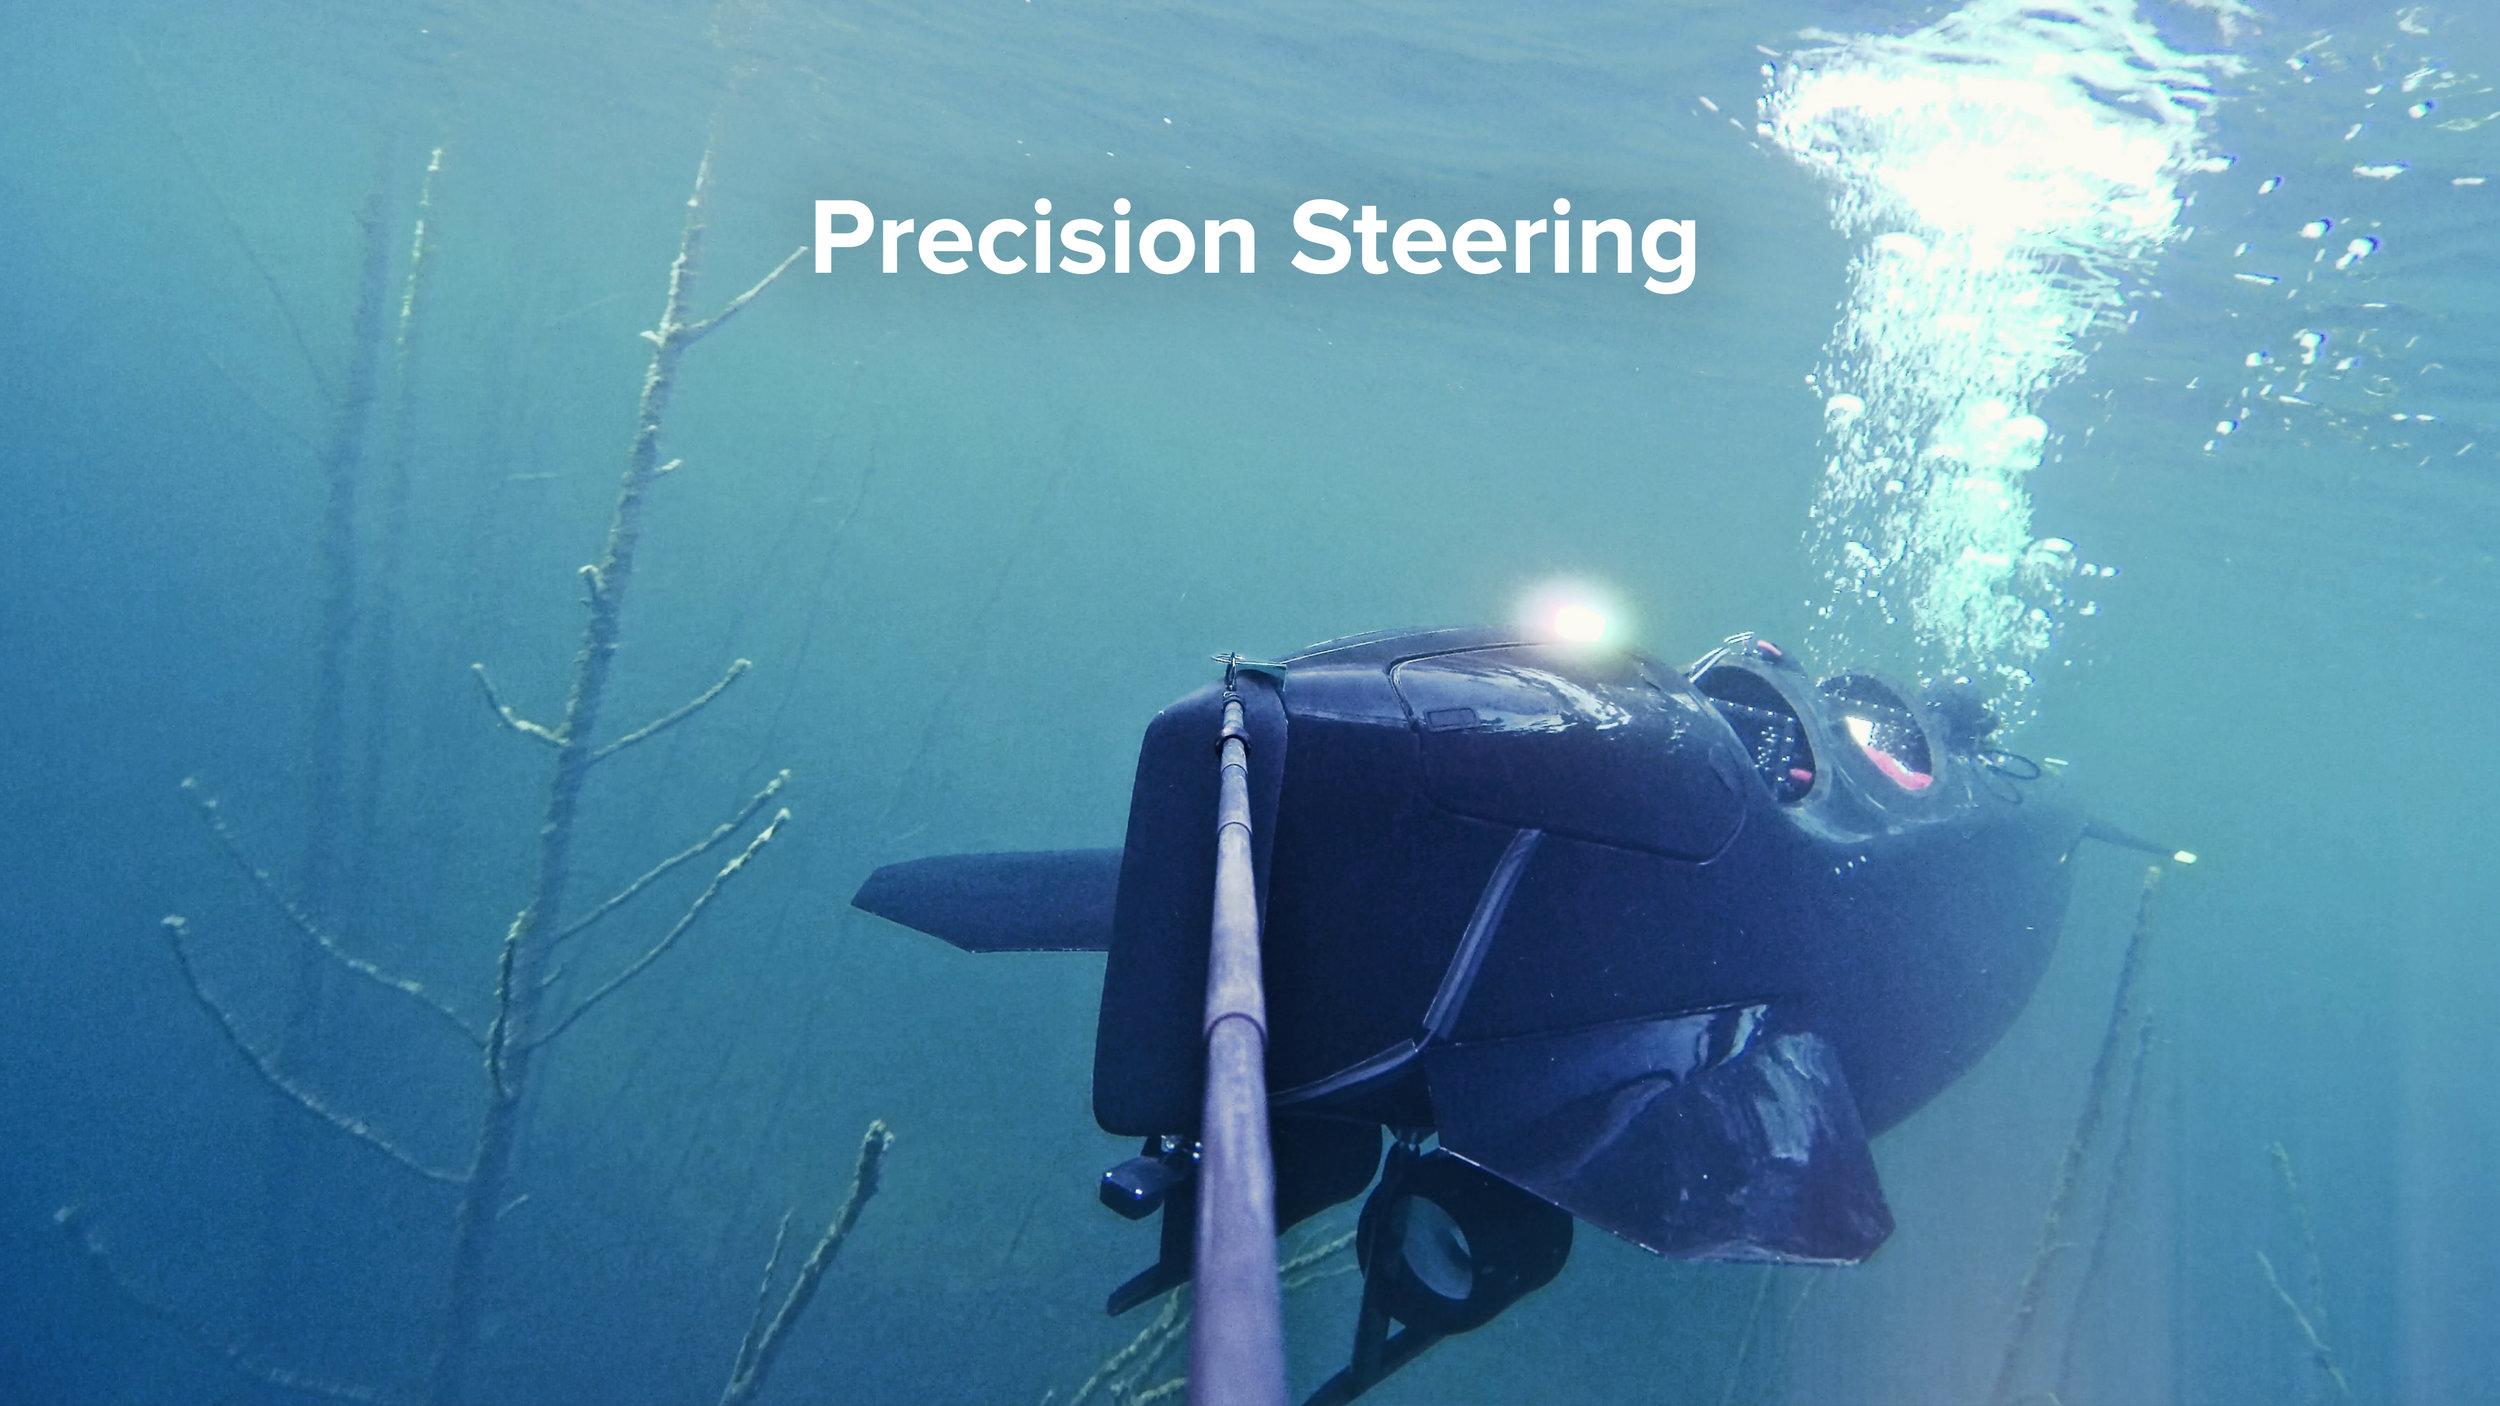 mk1c_options_precision_steering.jpg